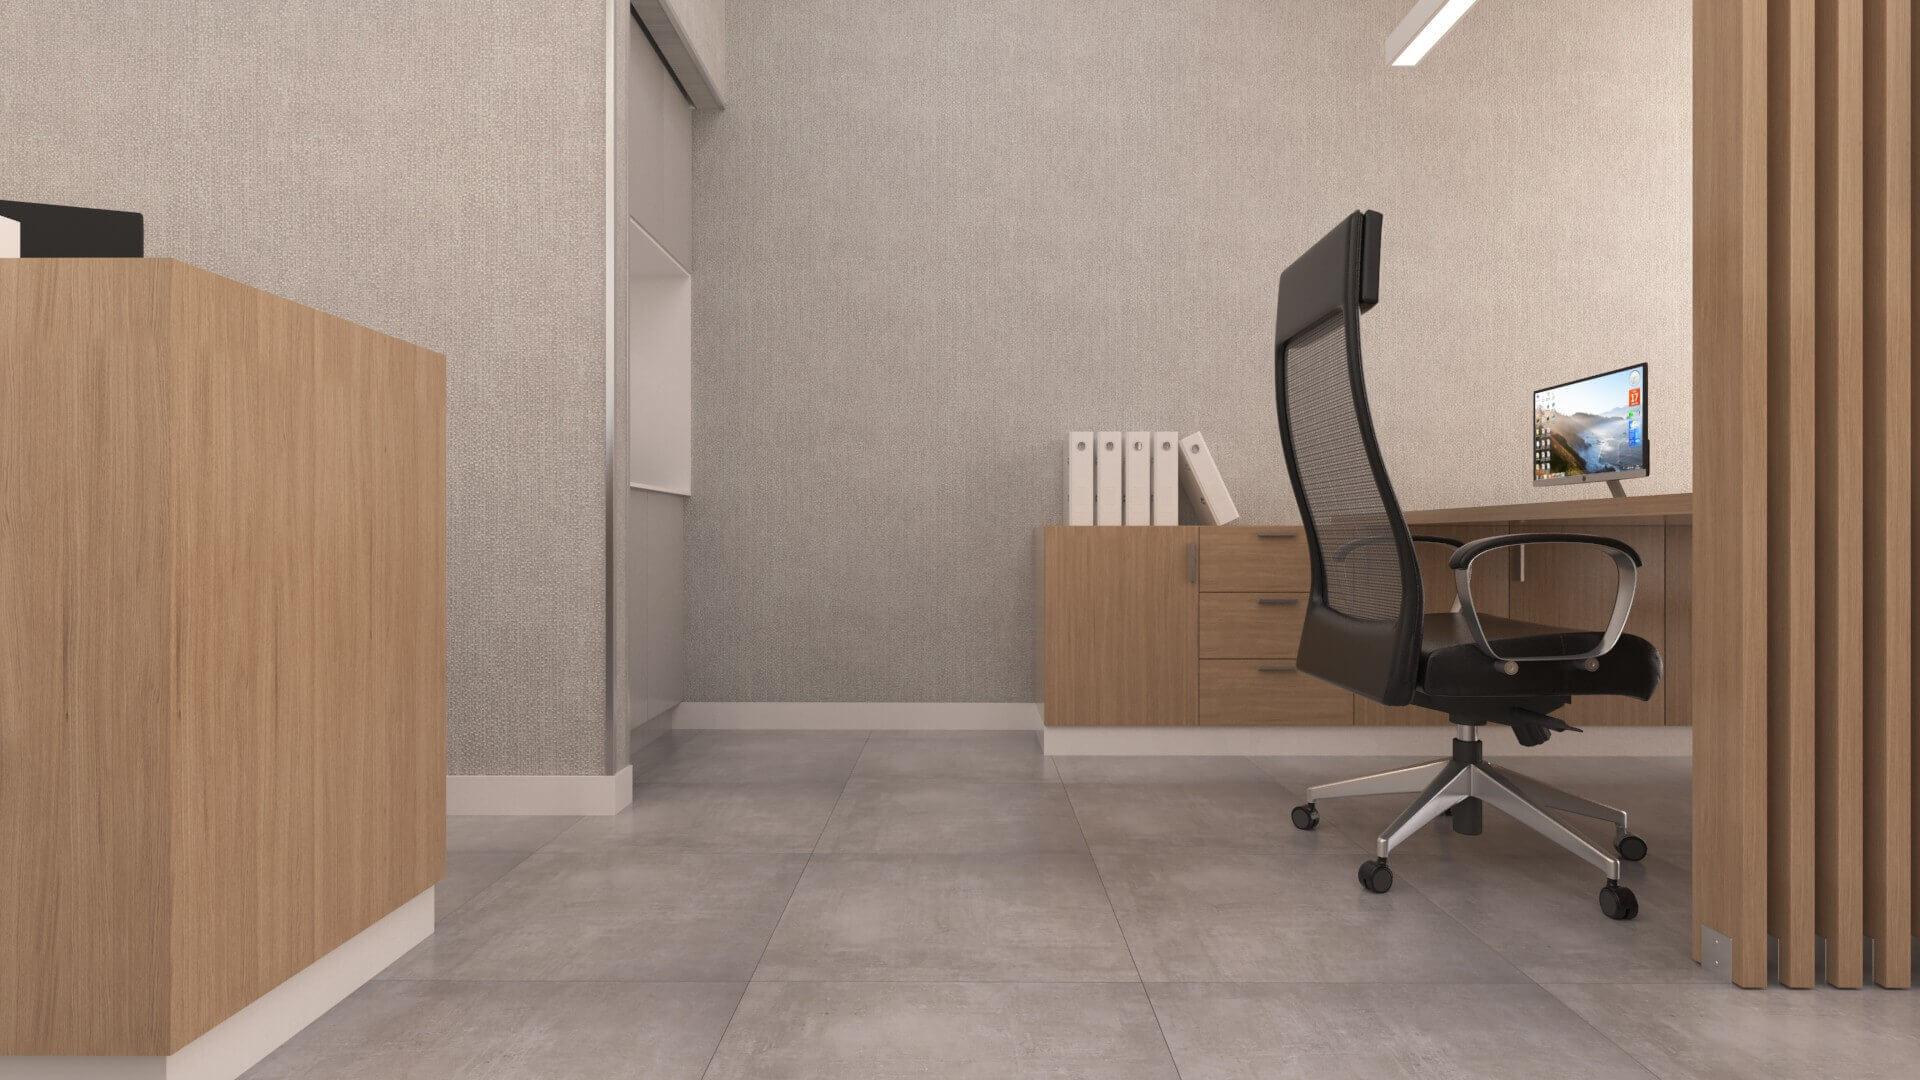 ofis içmimari 2682 RG Ofis Ofisler